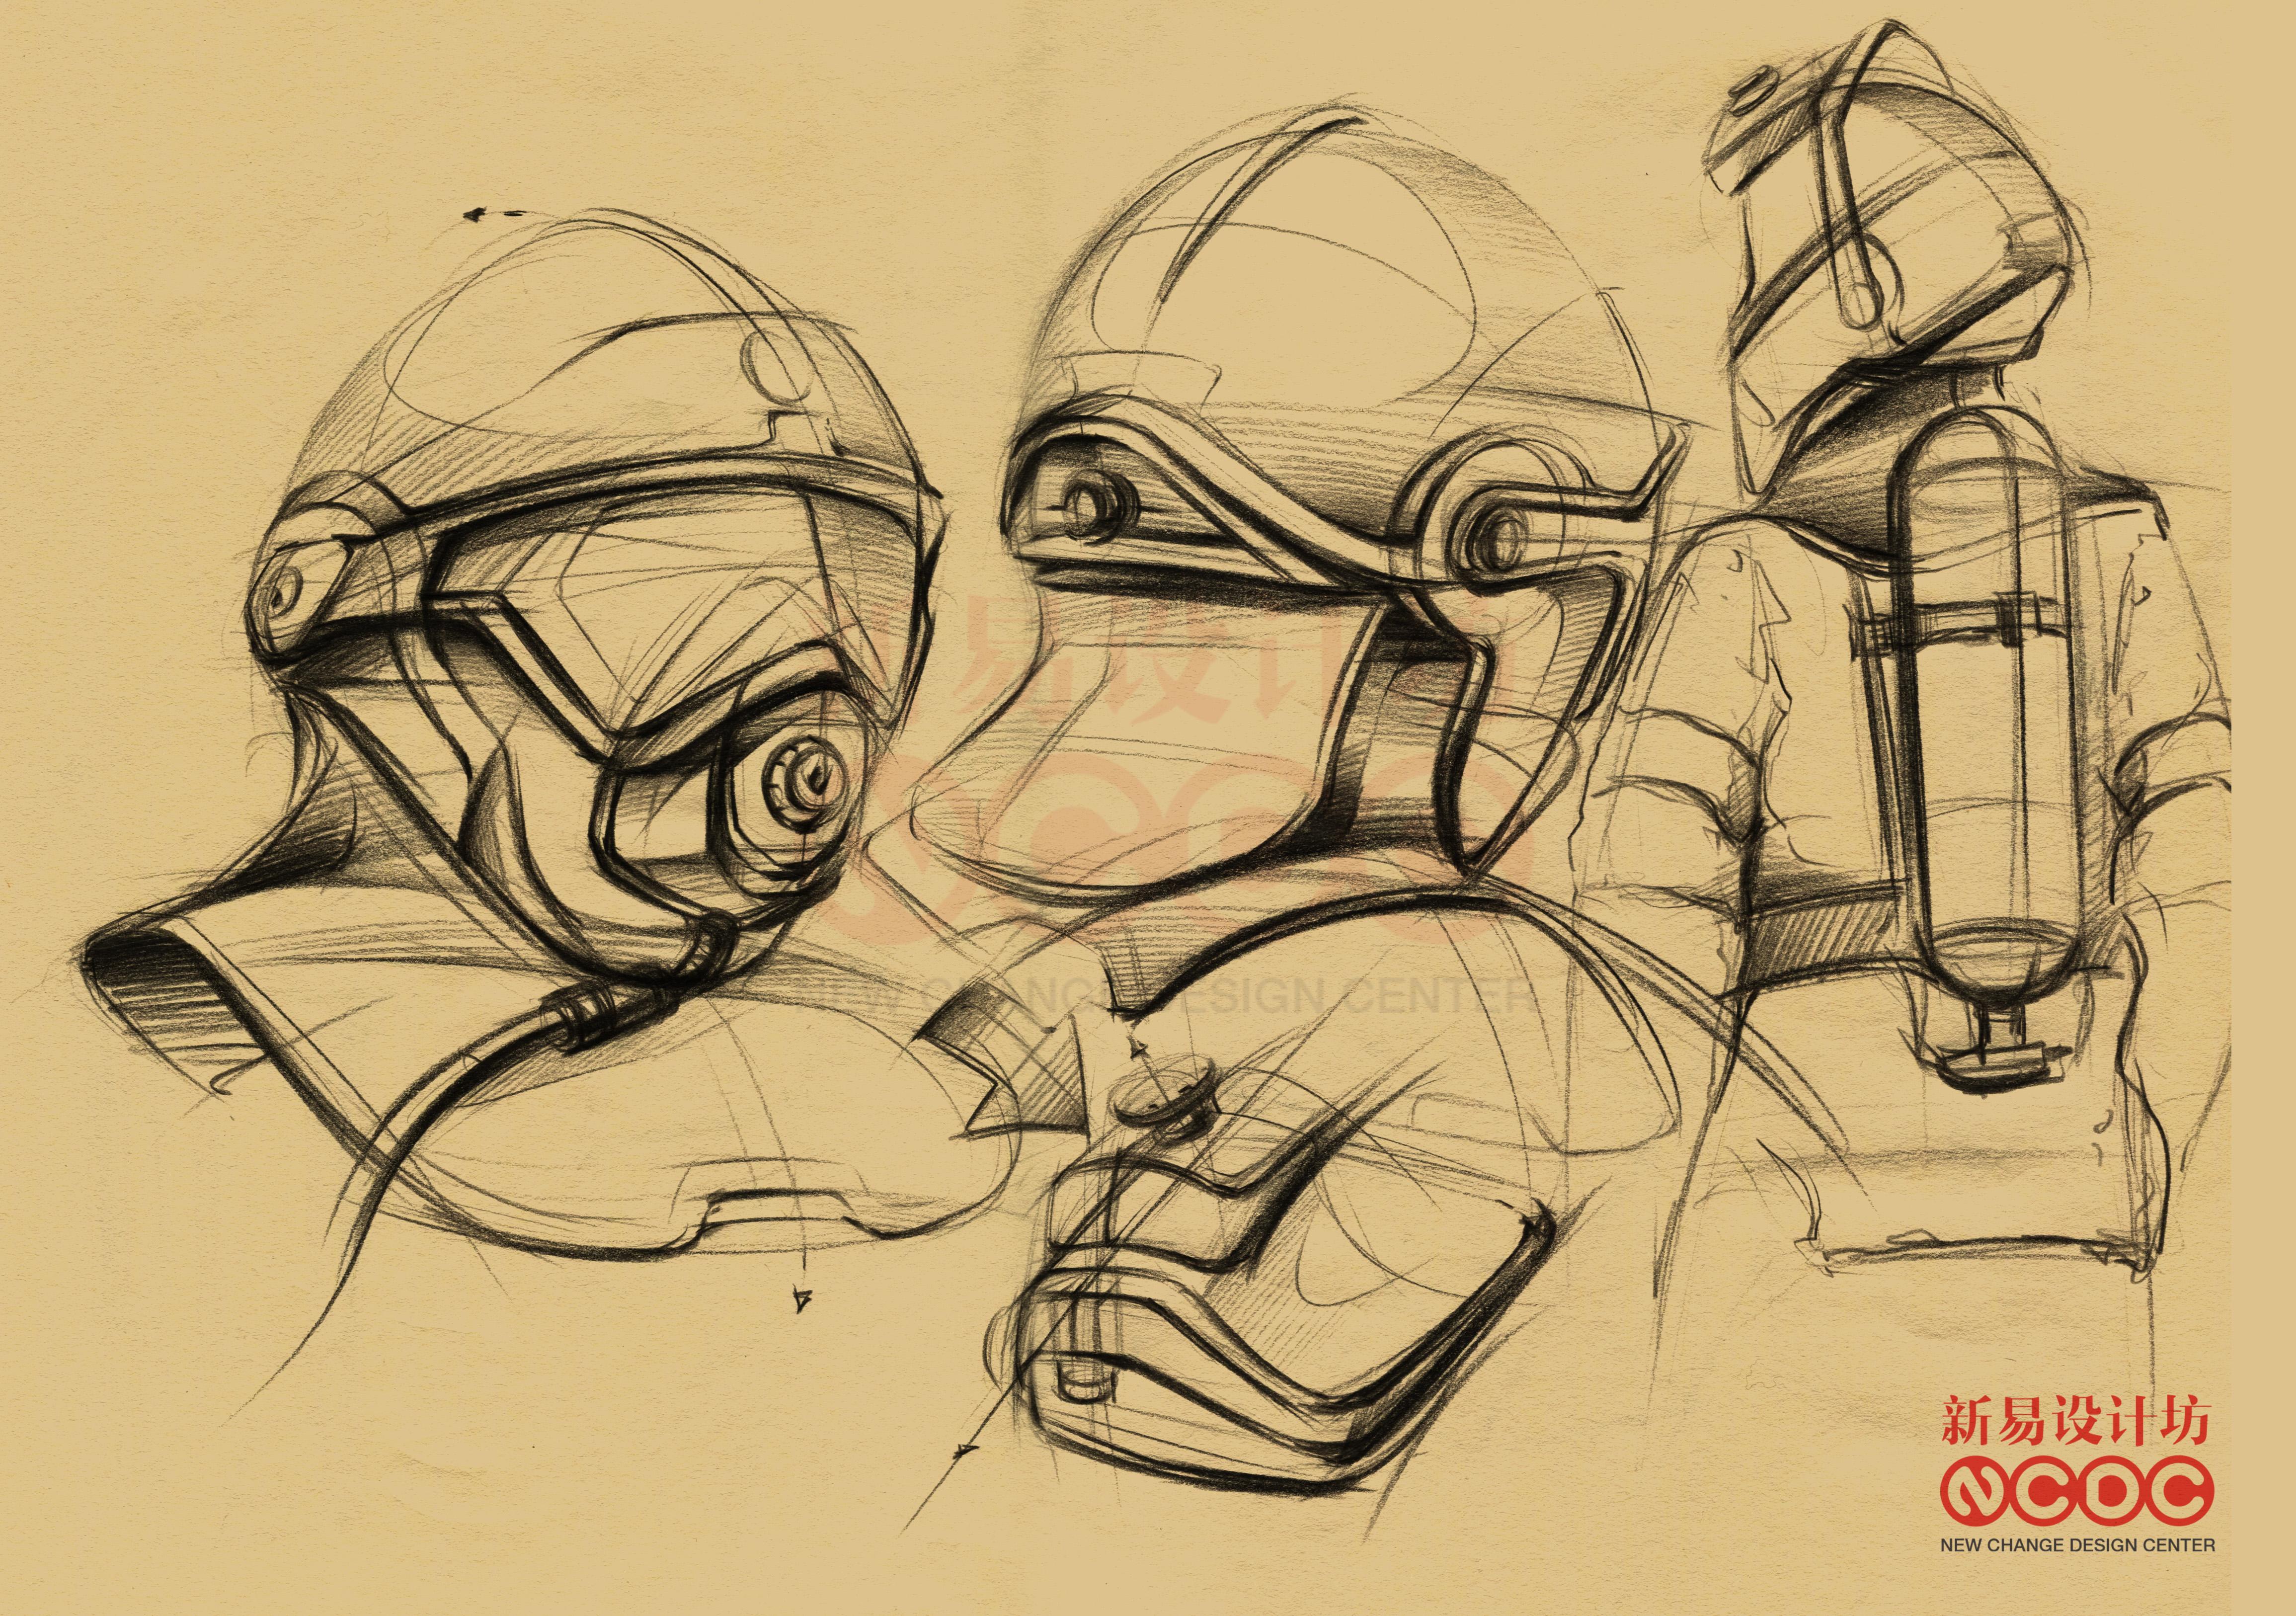 工业设计手绘;工业设计手绘彩铅精致表达